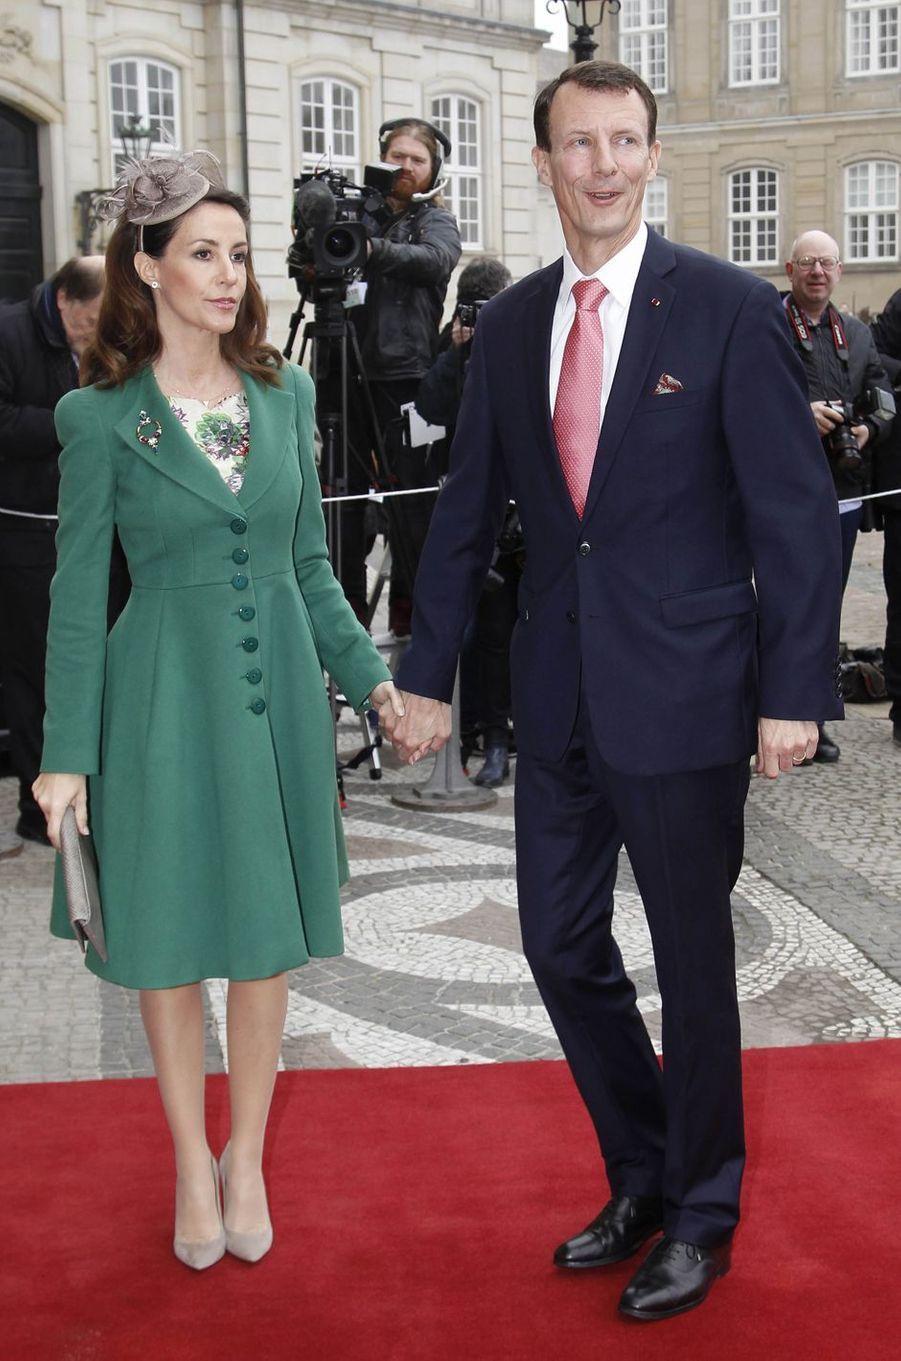 La princesse Marie et le prince Joachim de Danemark à Copenhague, le 28 mars 2017